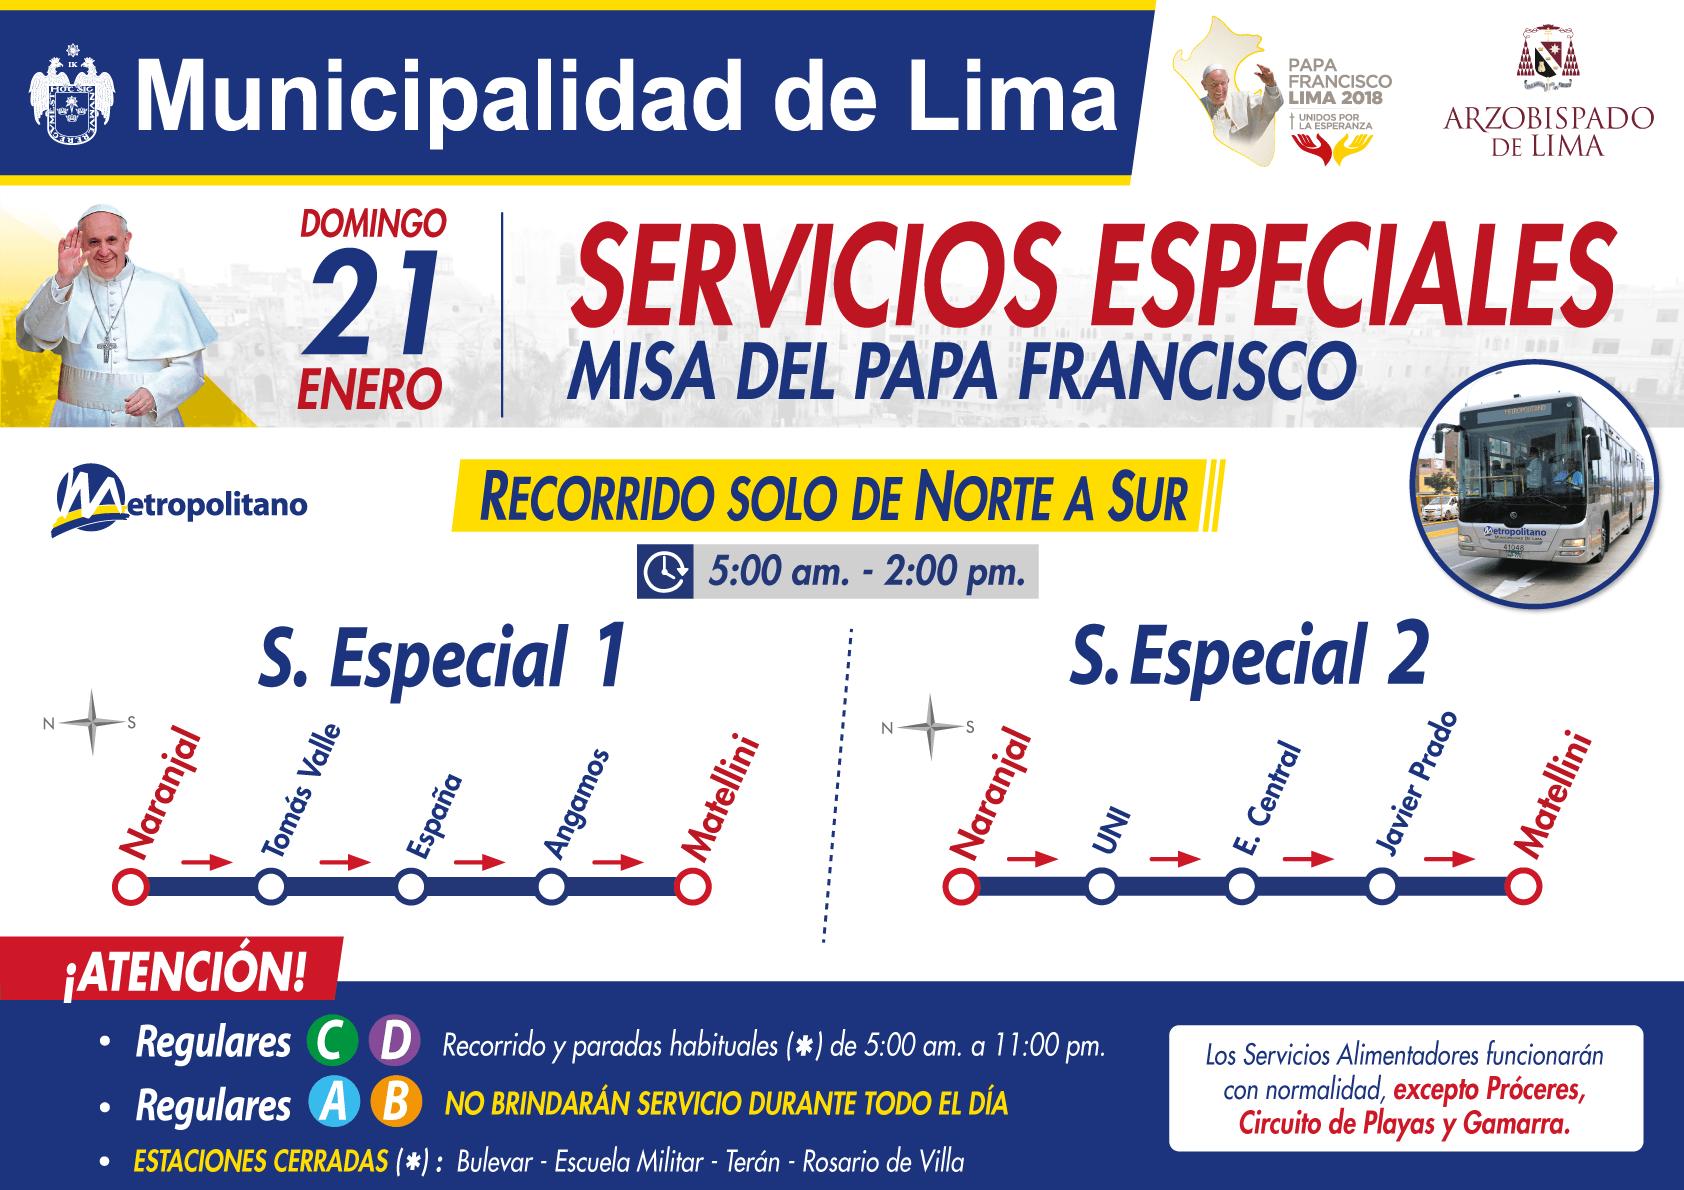 METROPOLITANO 01_SERVICIO ESPECIAL_MISA DEL PAPA